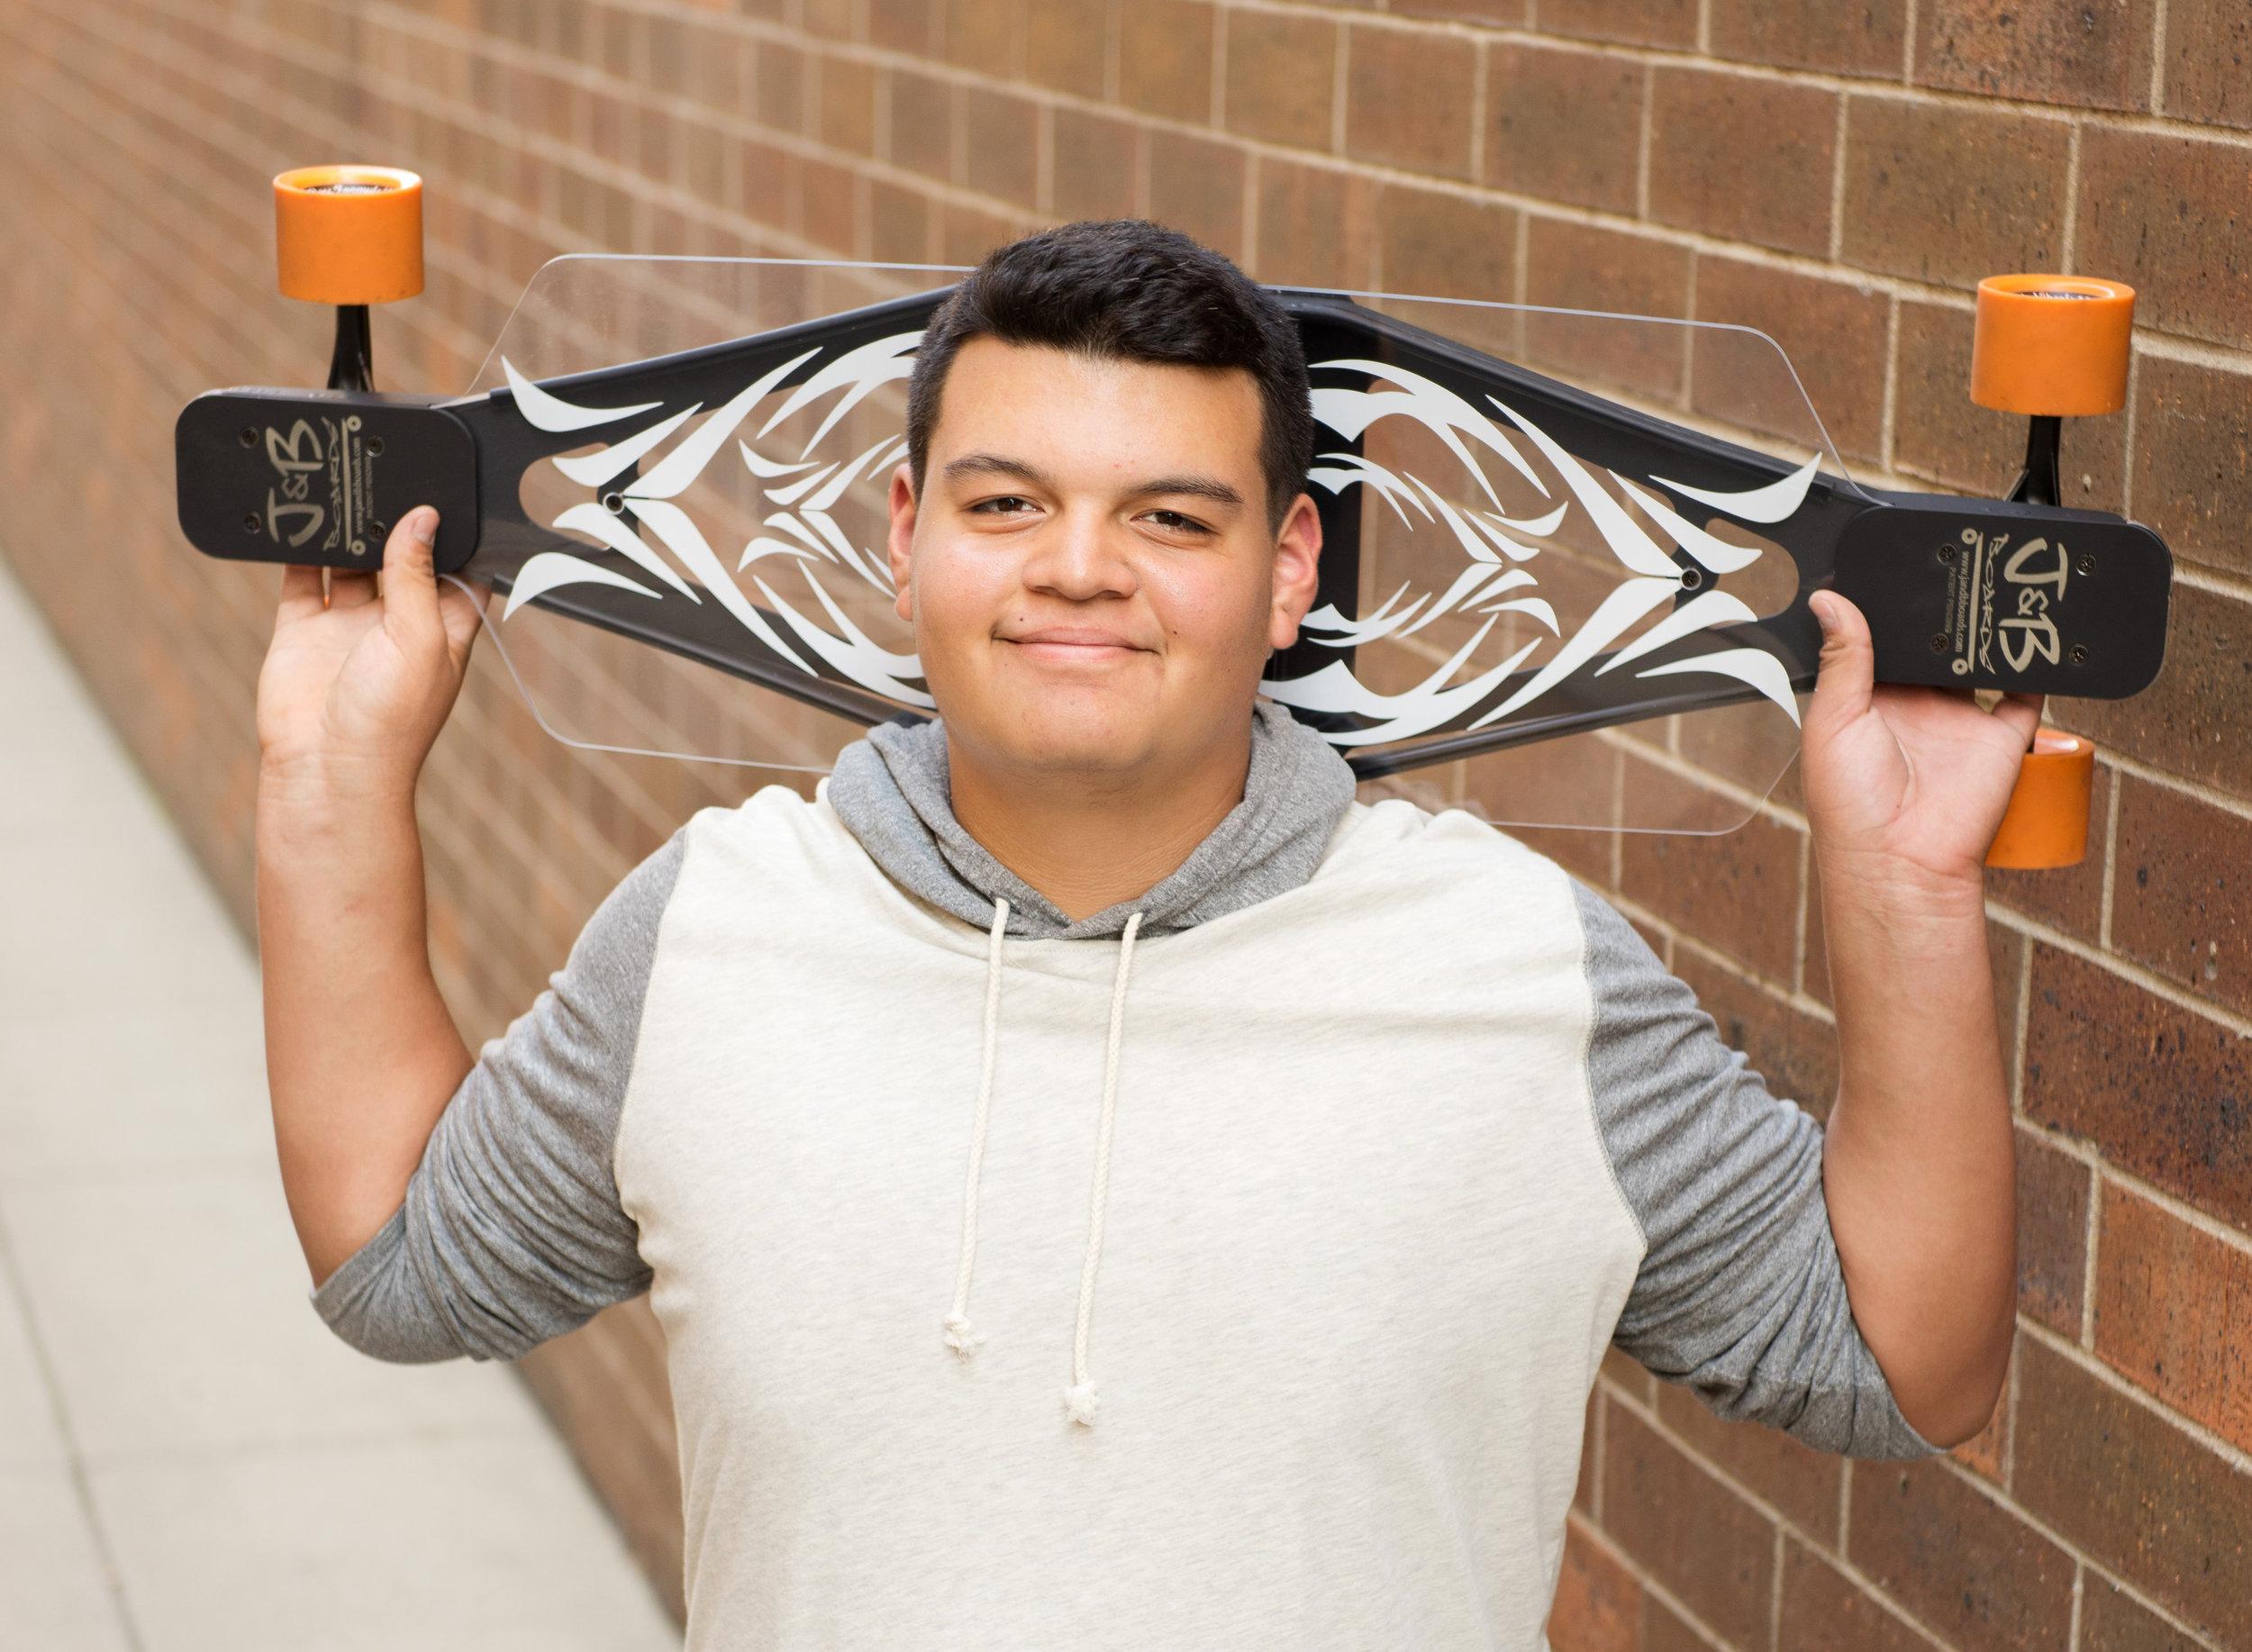 Orlando-senior-guy-skateboarding.jpg